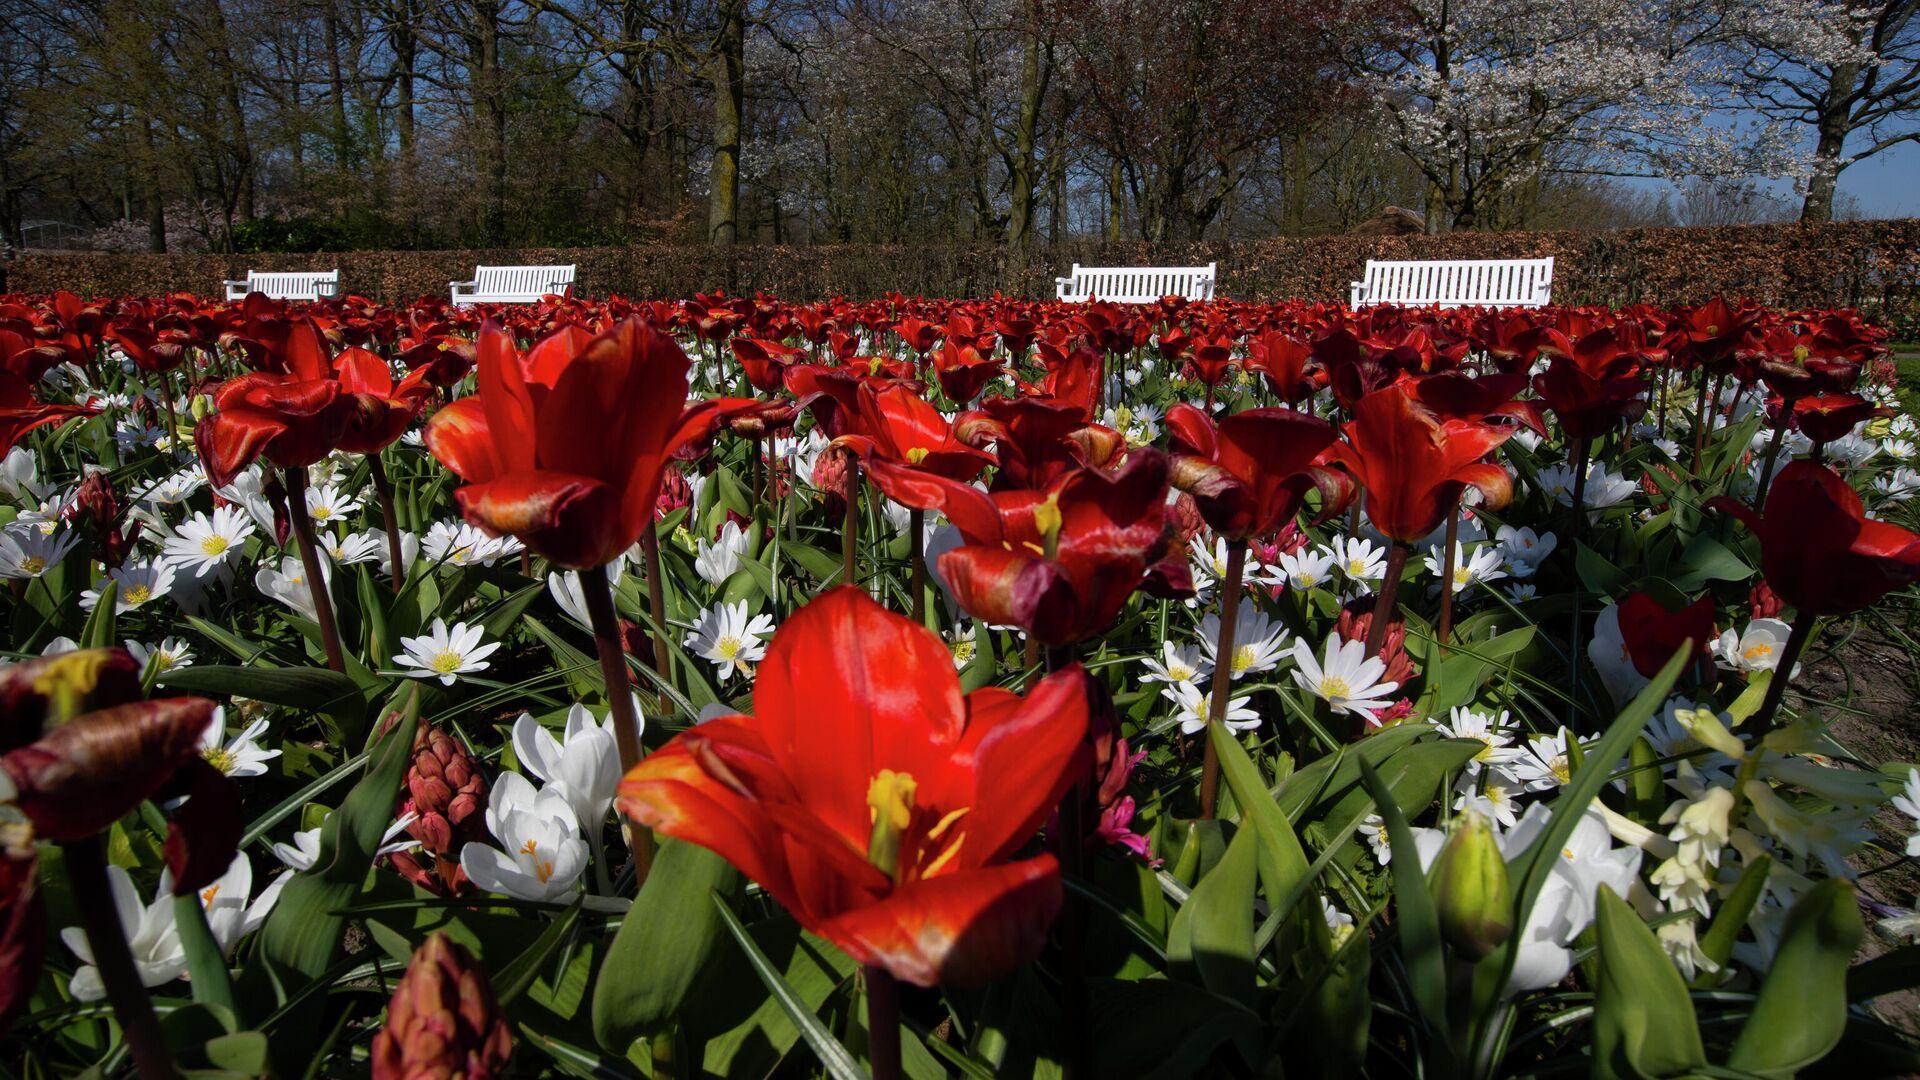 El Parque Real de Flores de Países Bajos, Keukenhof - Sputnik Mundo, 1920, 08.04.2021